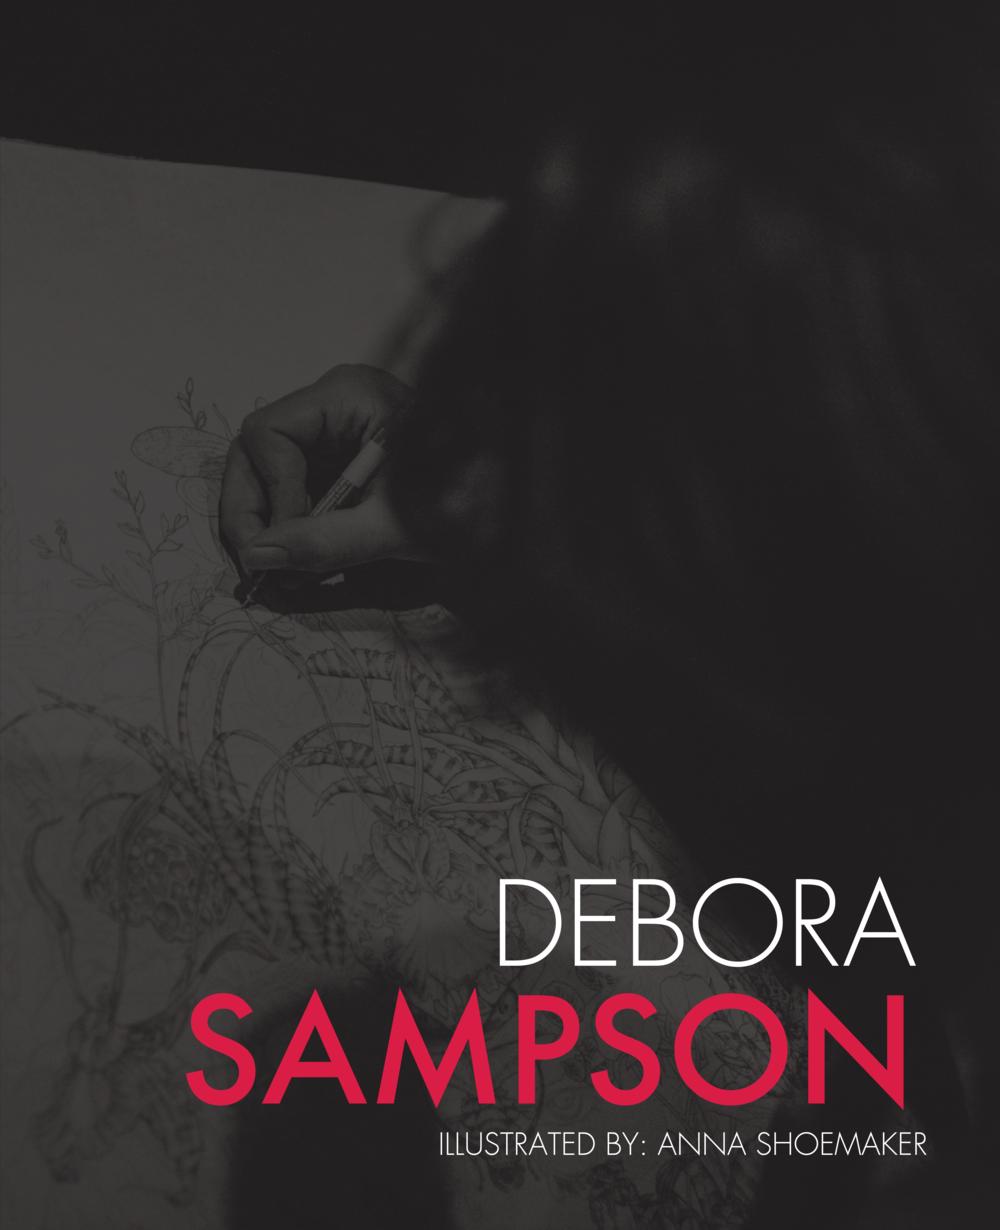 Debora Sampson